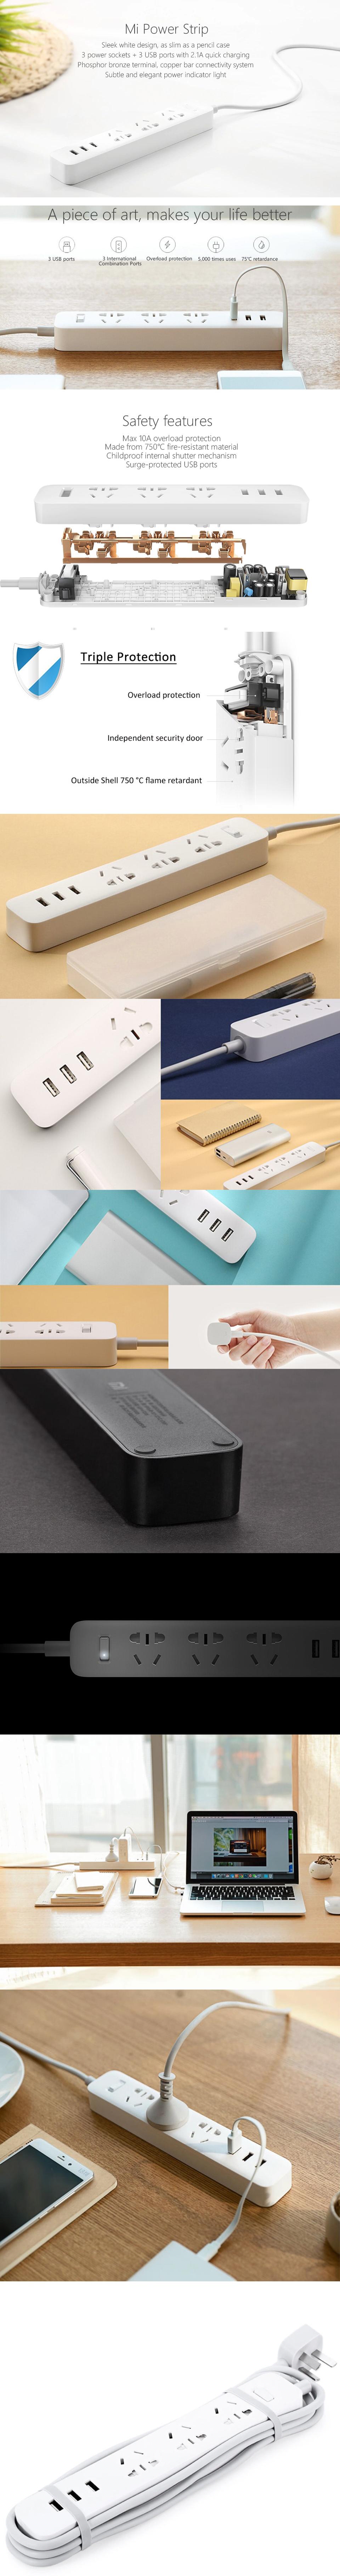 چند راهی برق و شارژ شیائومی Xiaomi XMCXB01QM Power Strip دارای 3 پورت USB